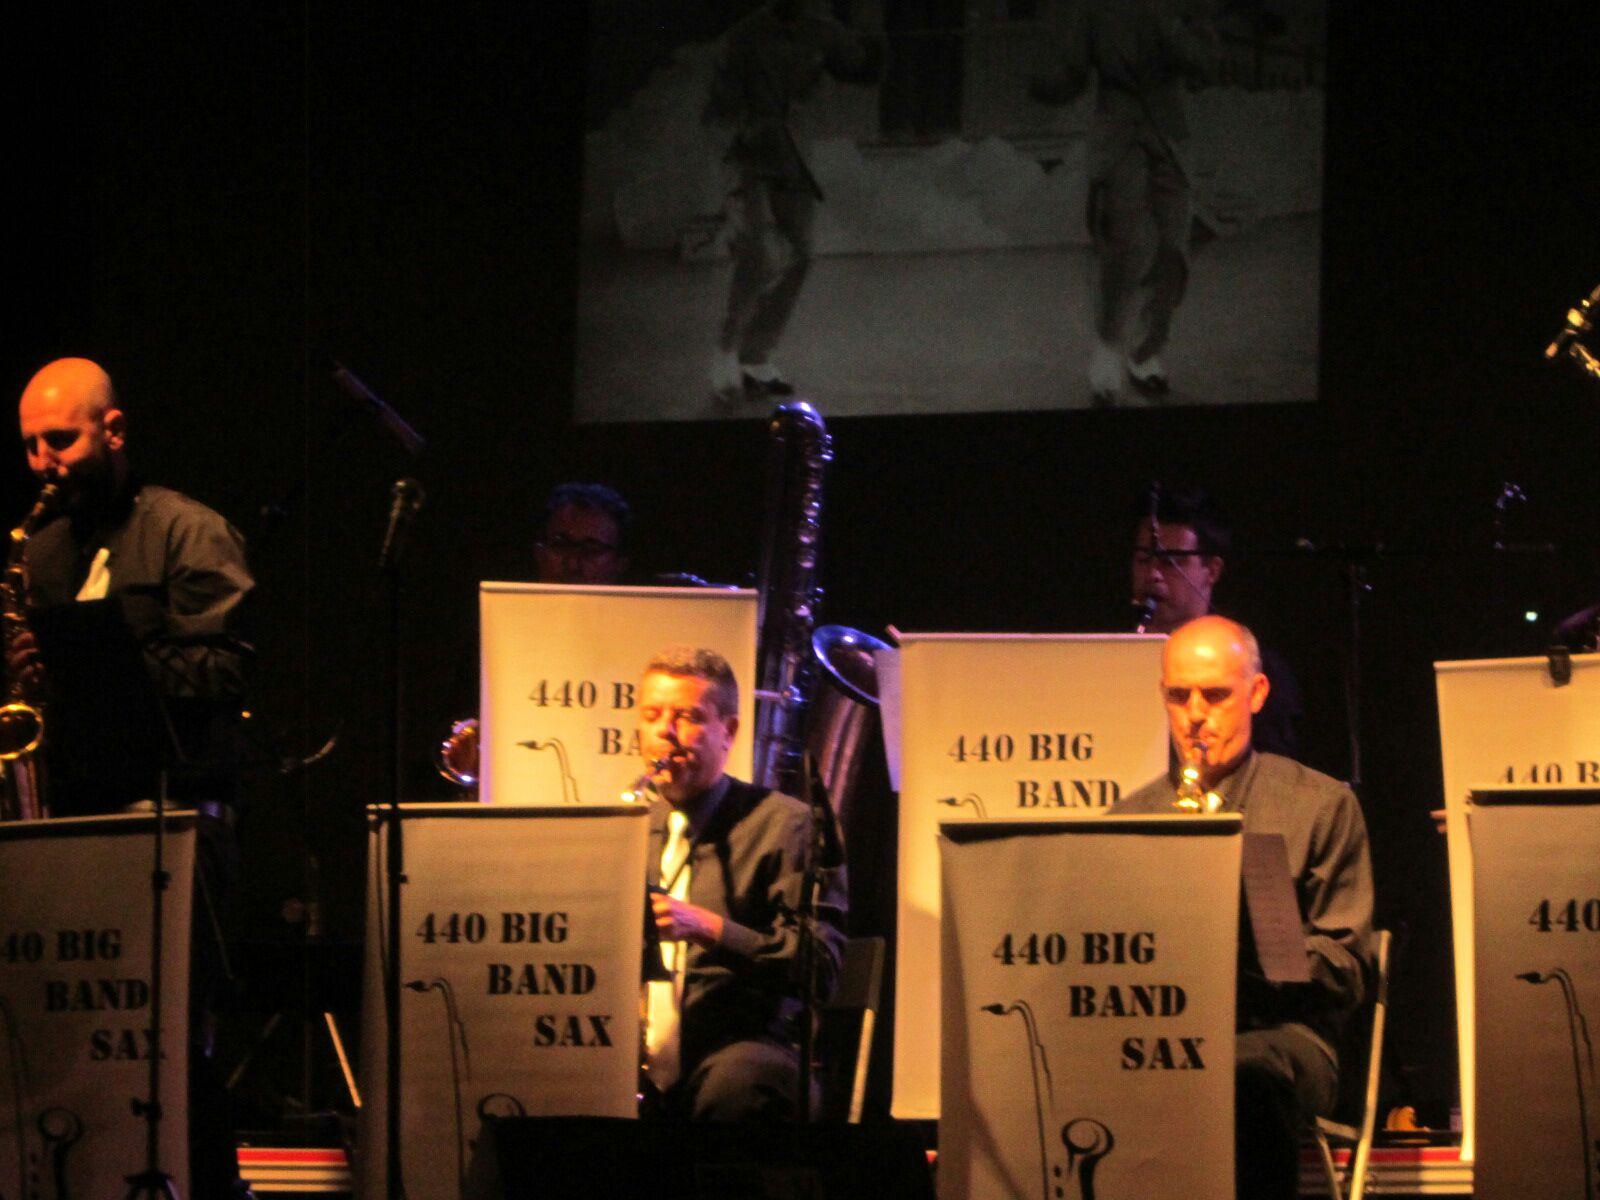 Directo de la 440 Big Band Sax